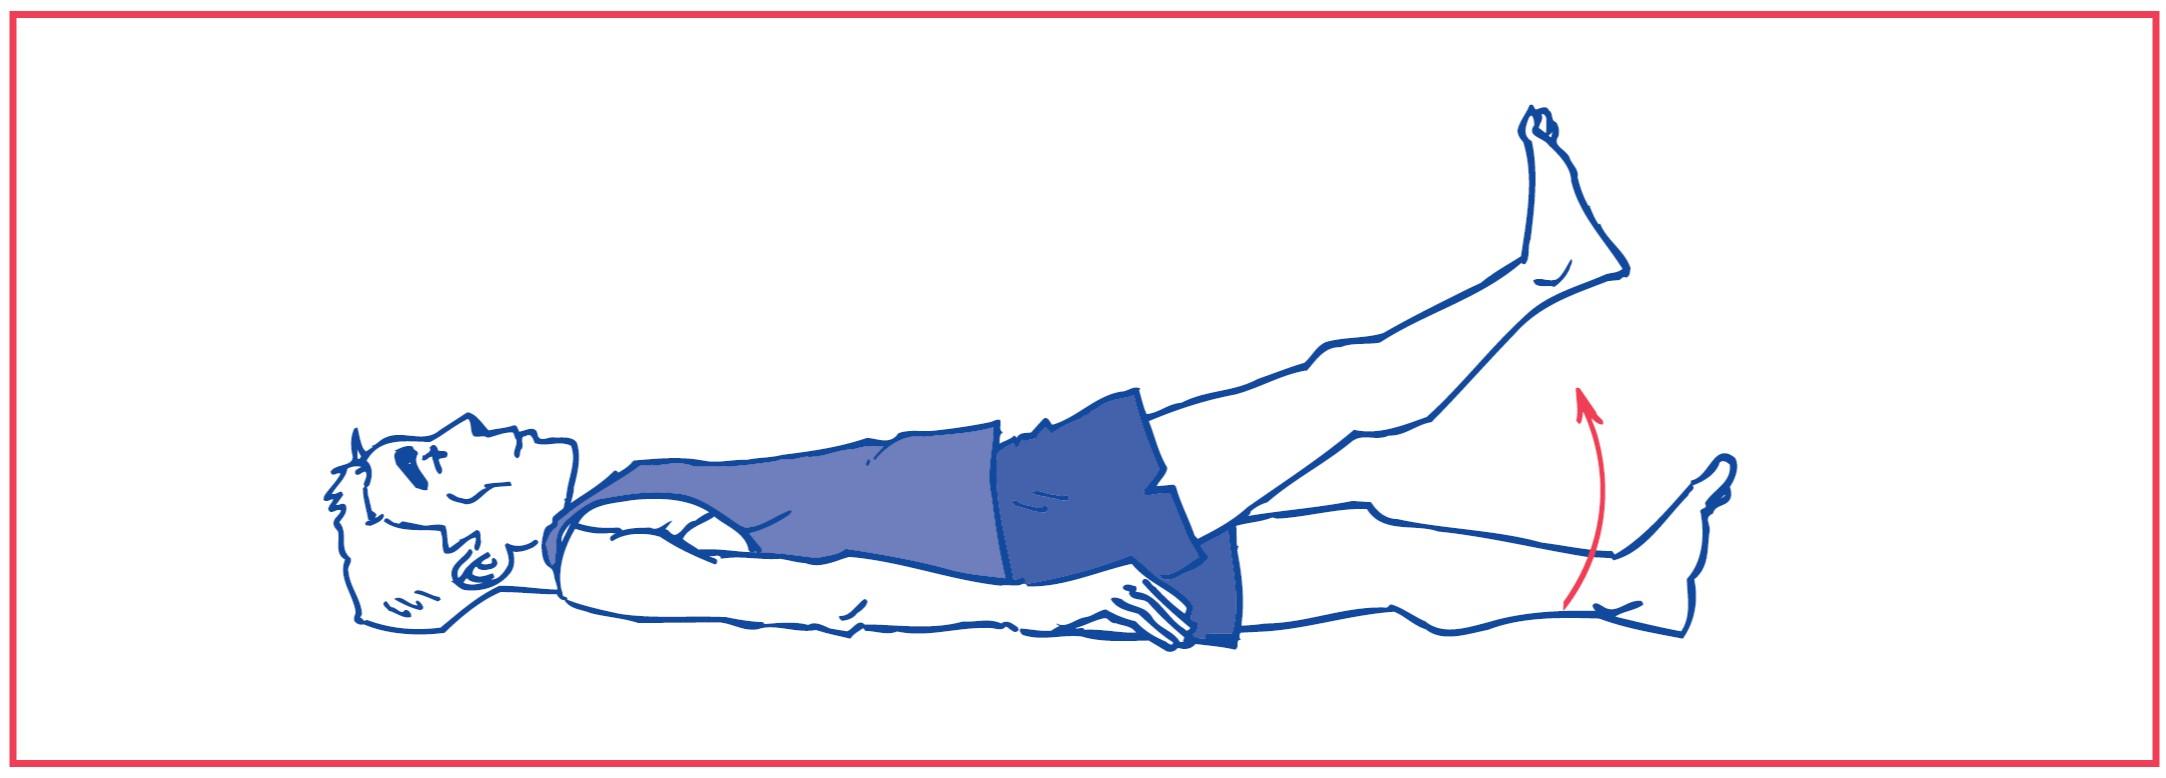 4. Hip flexion against gravity